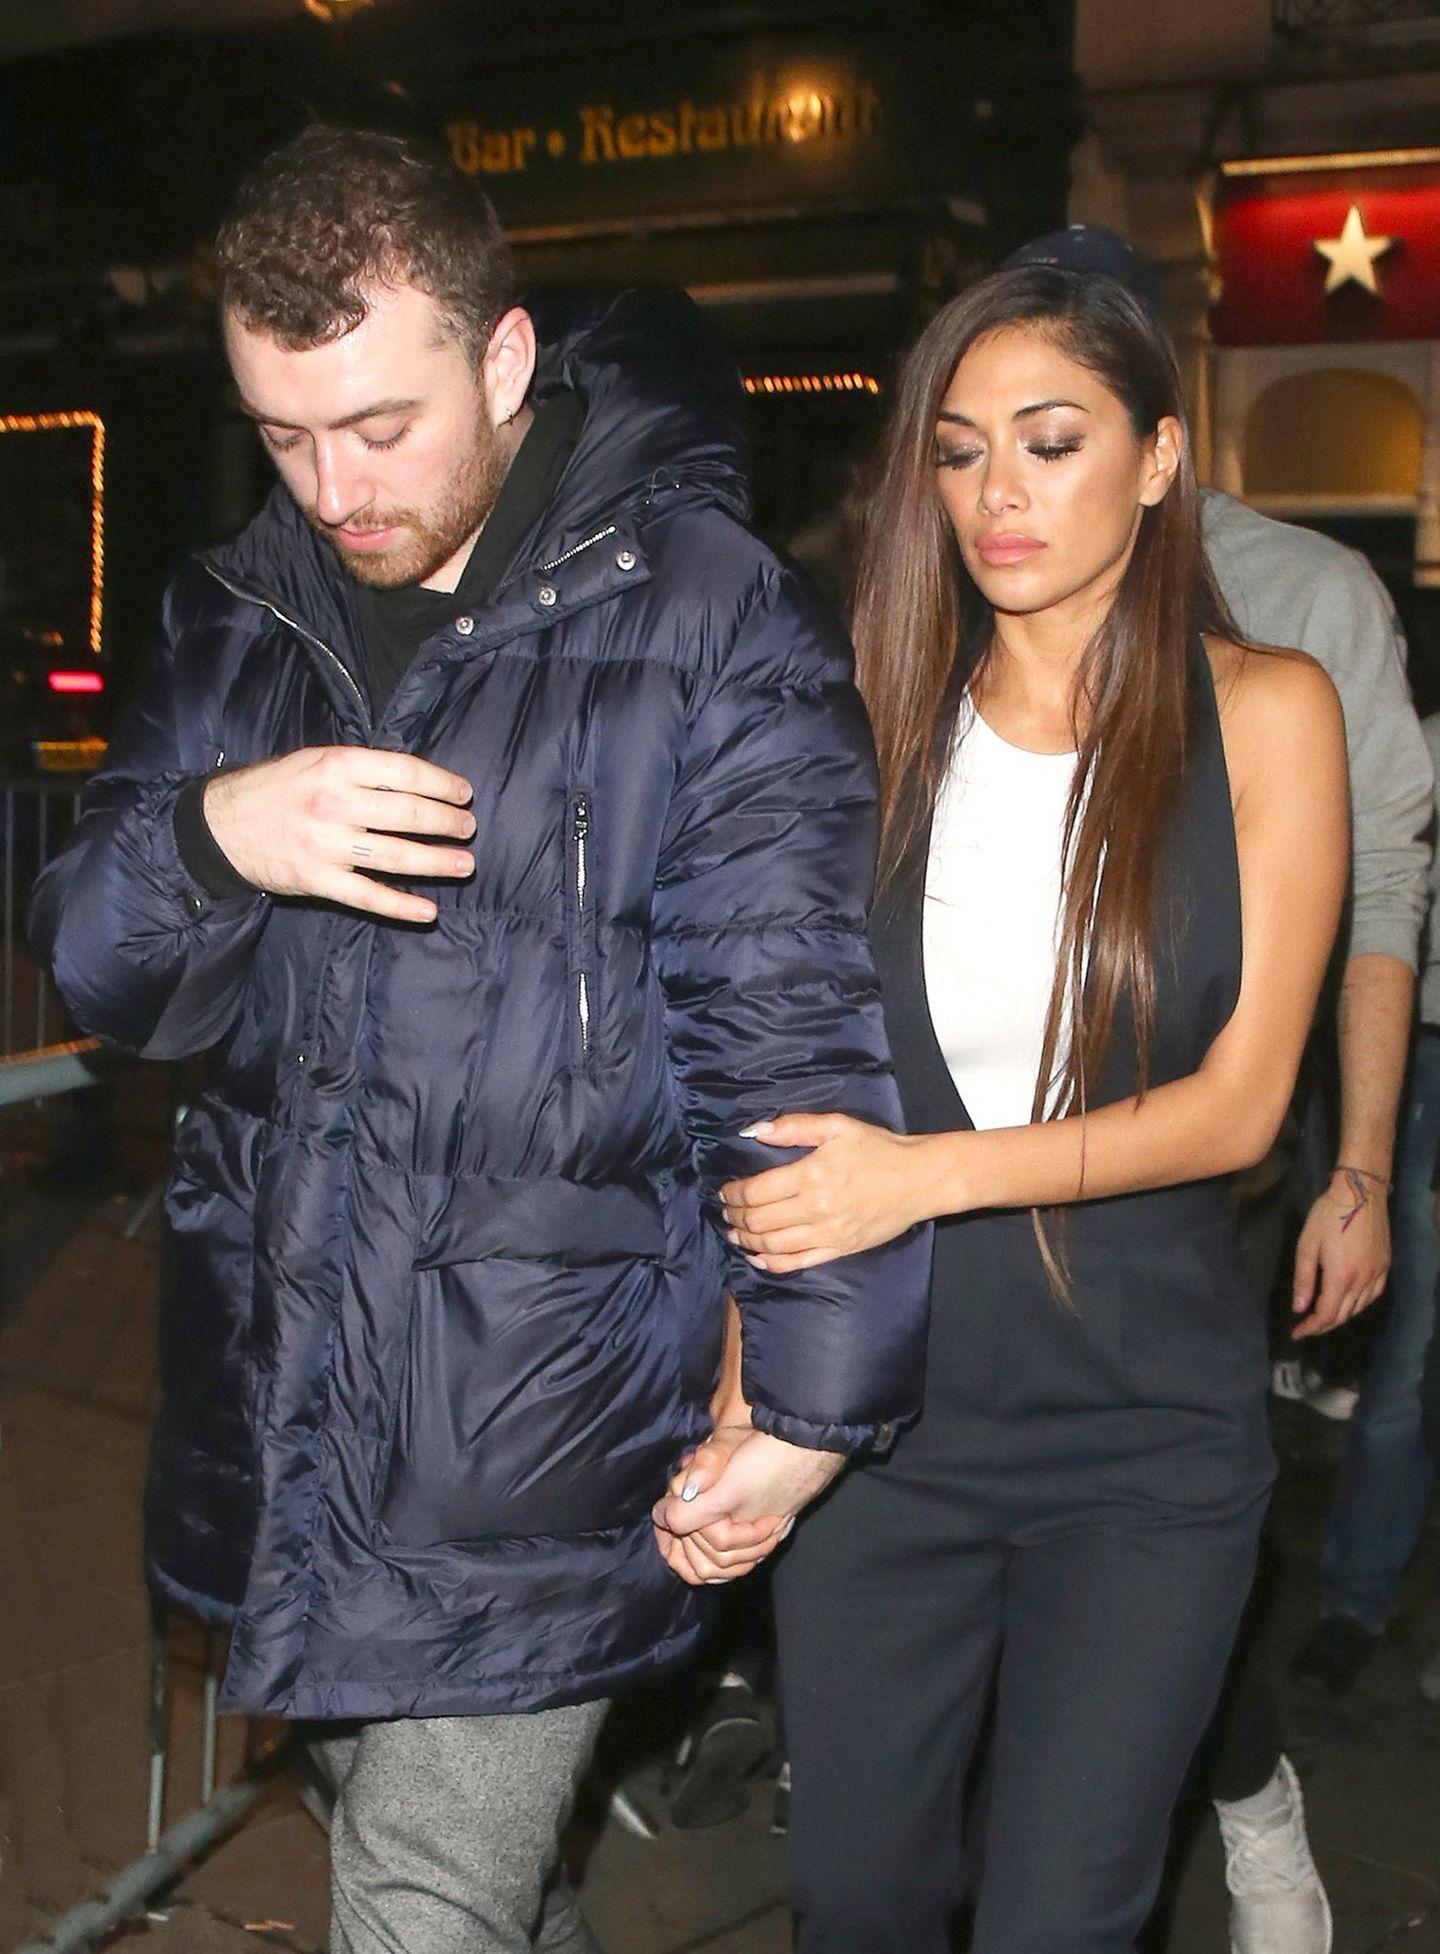 """10. Dezember 2016: Händchen haltend verlassen Sam Smith und Nicole Scherzinger den """"Cirque le Soir Night Club"""" in London. Hier bahnt sich aber natürlich keine neue Liebelei an, denn Sam Smith bekennt sich offen zu seiner Homosexualität."""